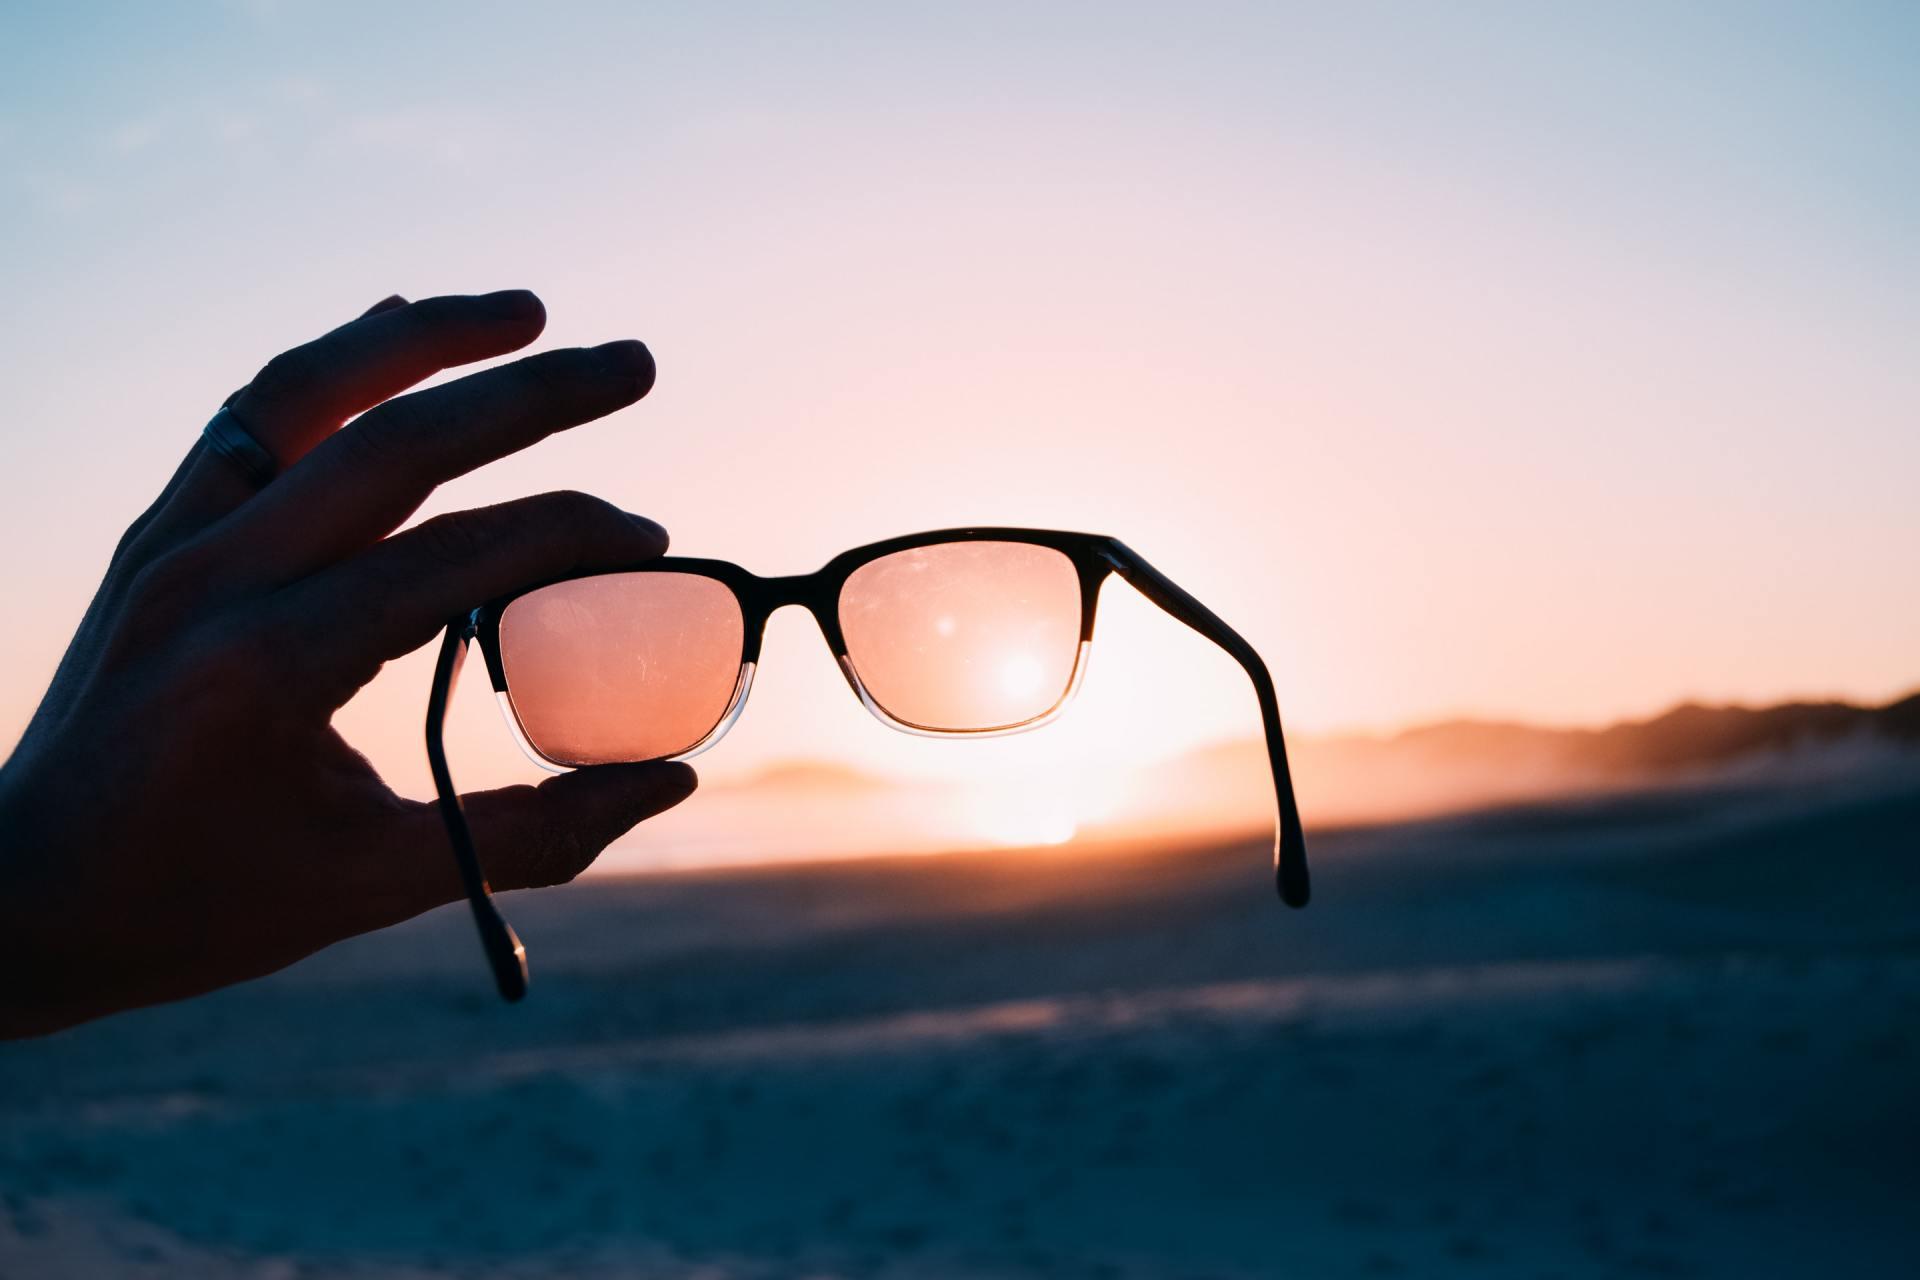 Com a enorme variedade de lentes, formatos, cores, tendências e materiais,  os óculos escuros, ou de Sol, tornaram-se, atualmente, além de um acessório  de ... 8f2b1123a7